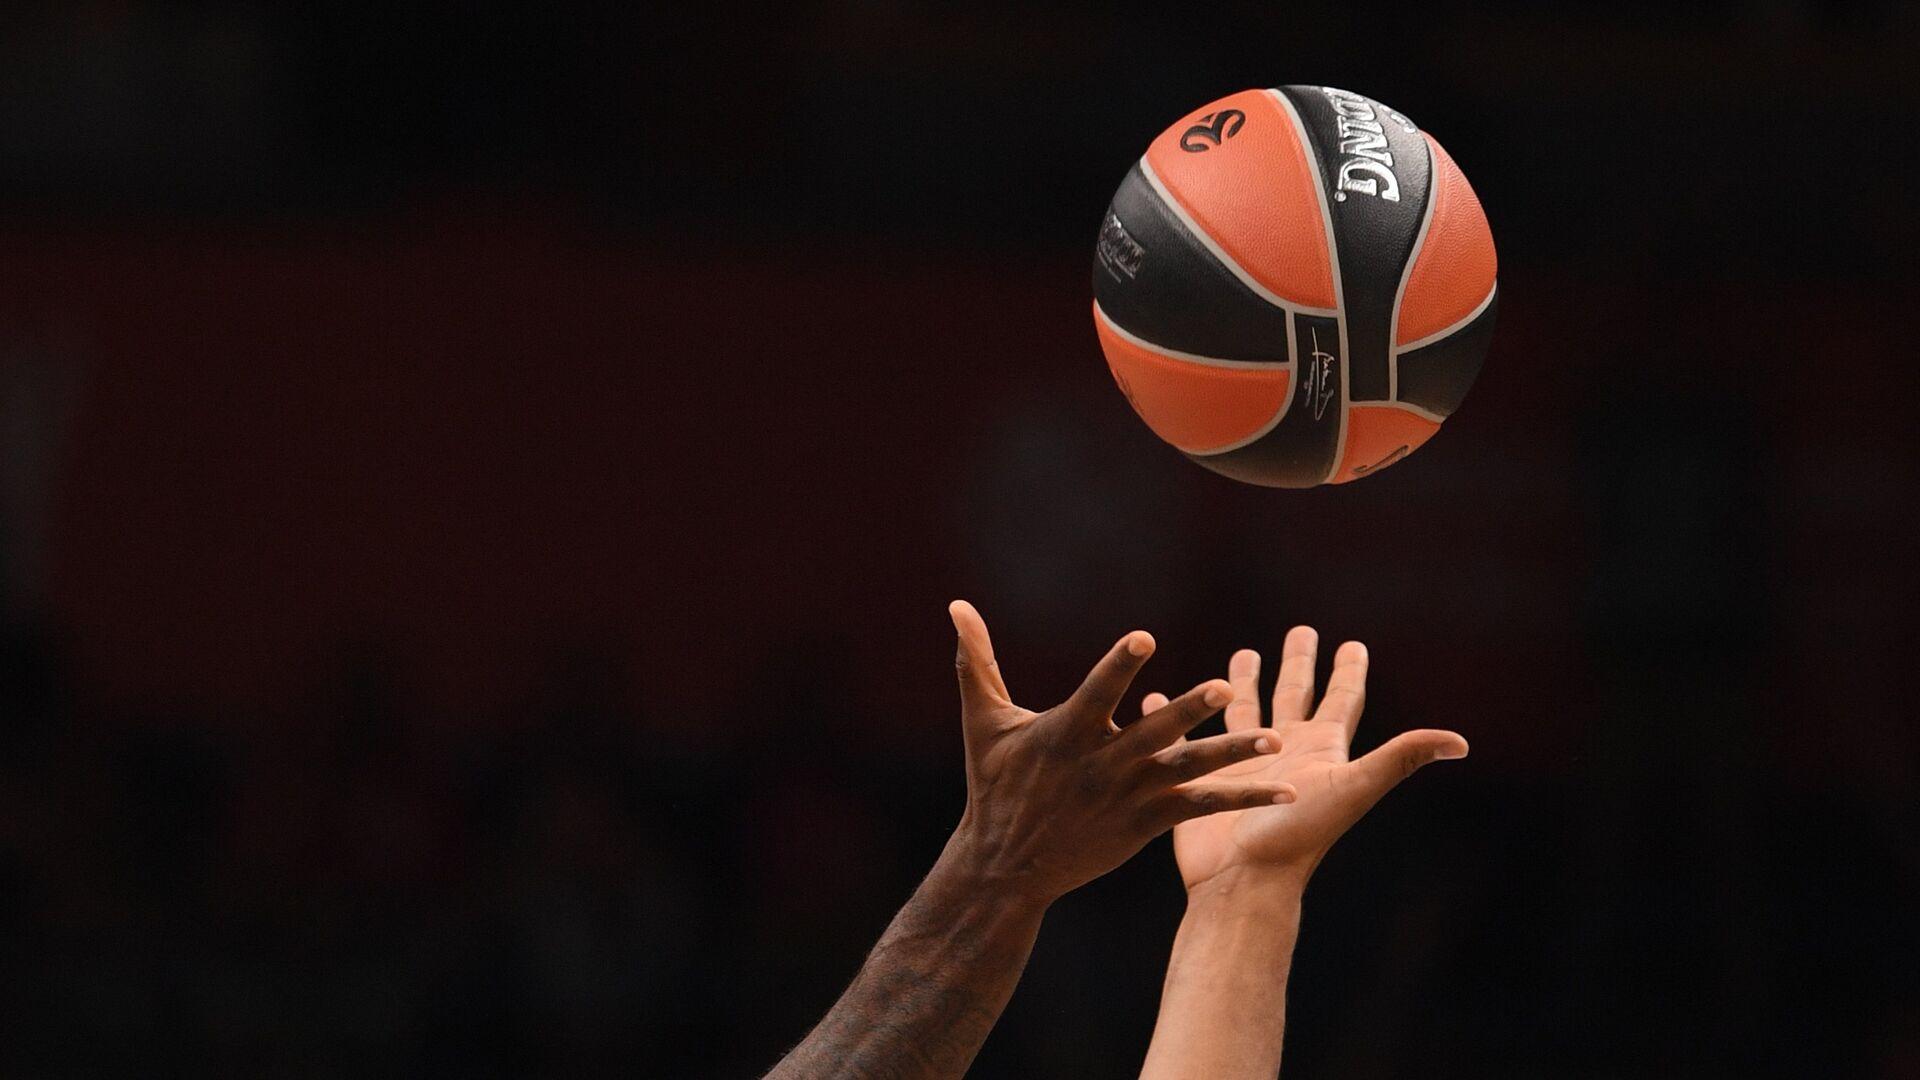 Баскетбольный мяч - РИА Новости, 1920, 30.05.2021